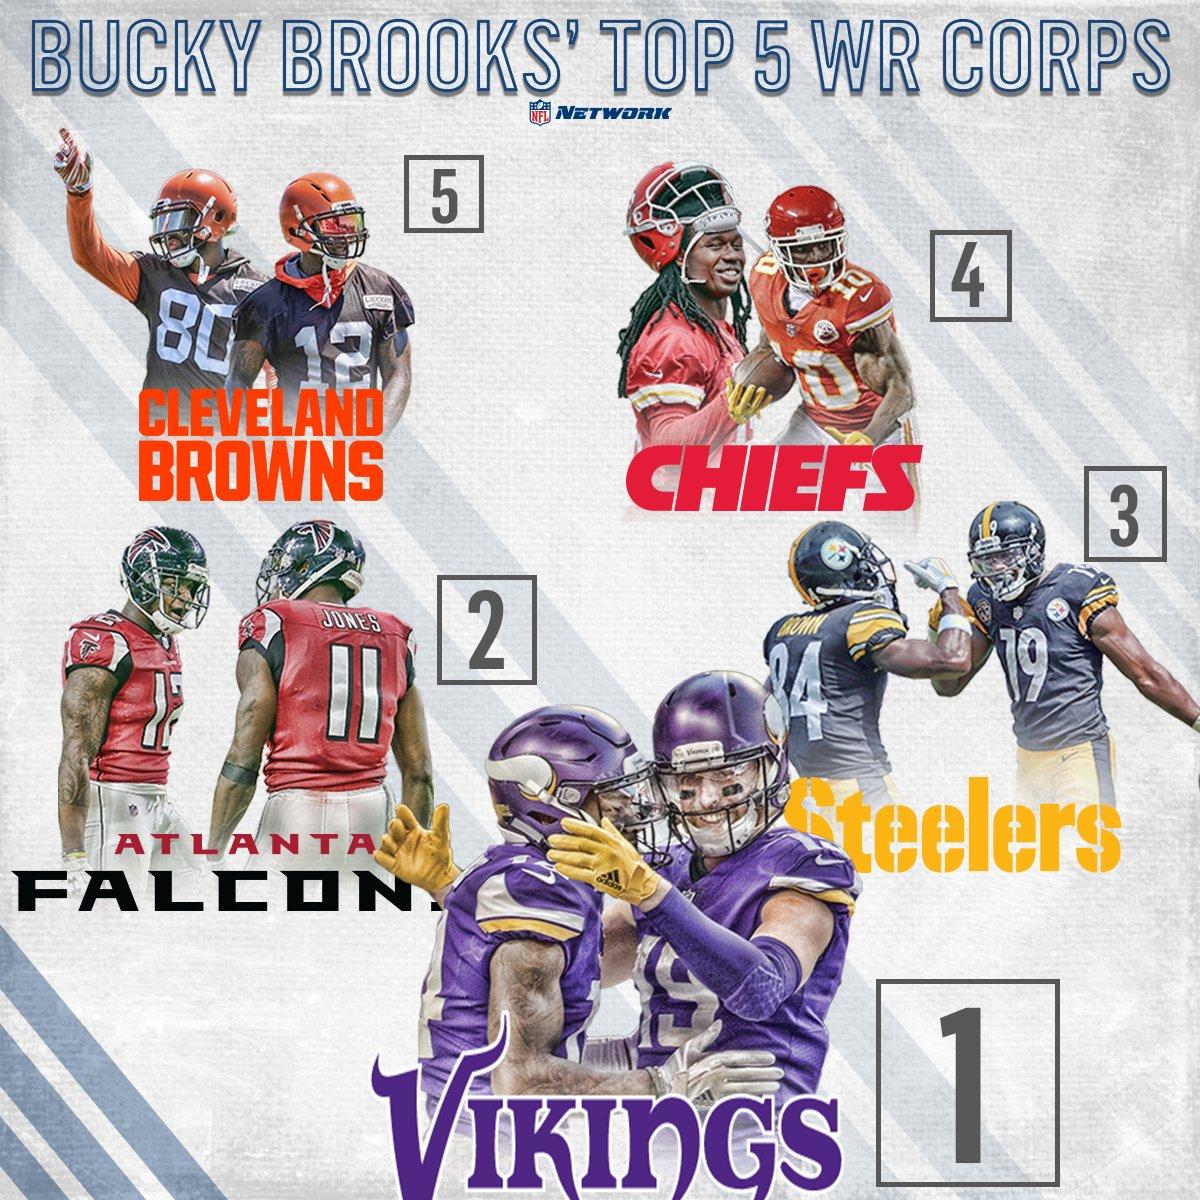 .@Vikings lead the way in @BuckyBrooks' WR corps rankings ⬇️  READ: https://t.co/Rxp8FSMIPZ https://t.co/iXfHzwSAju